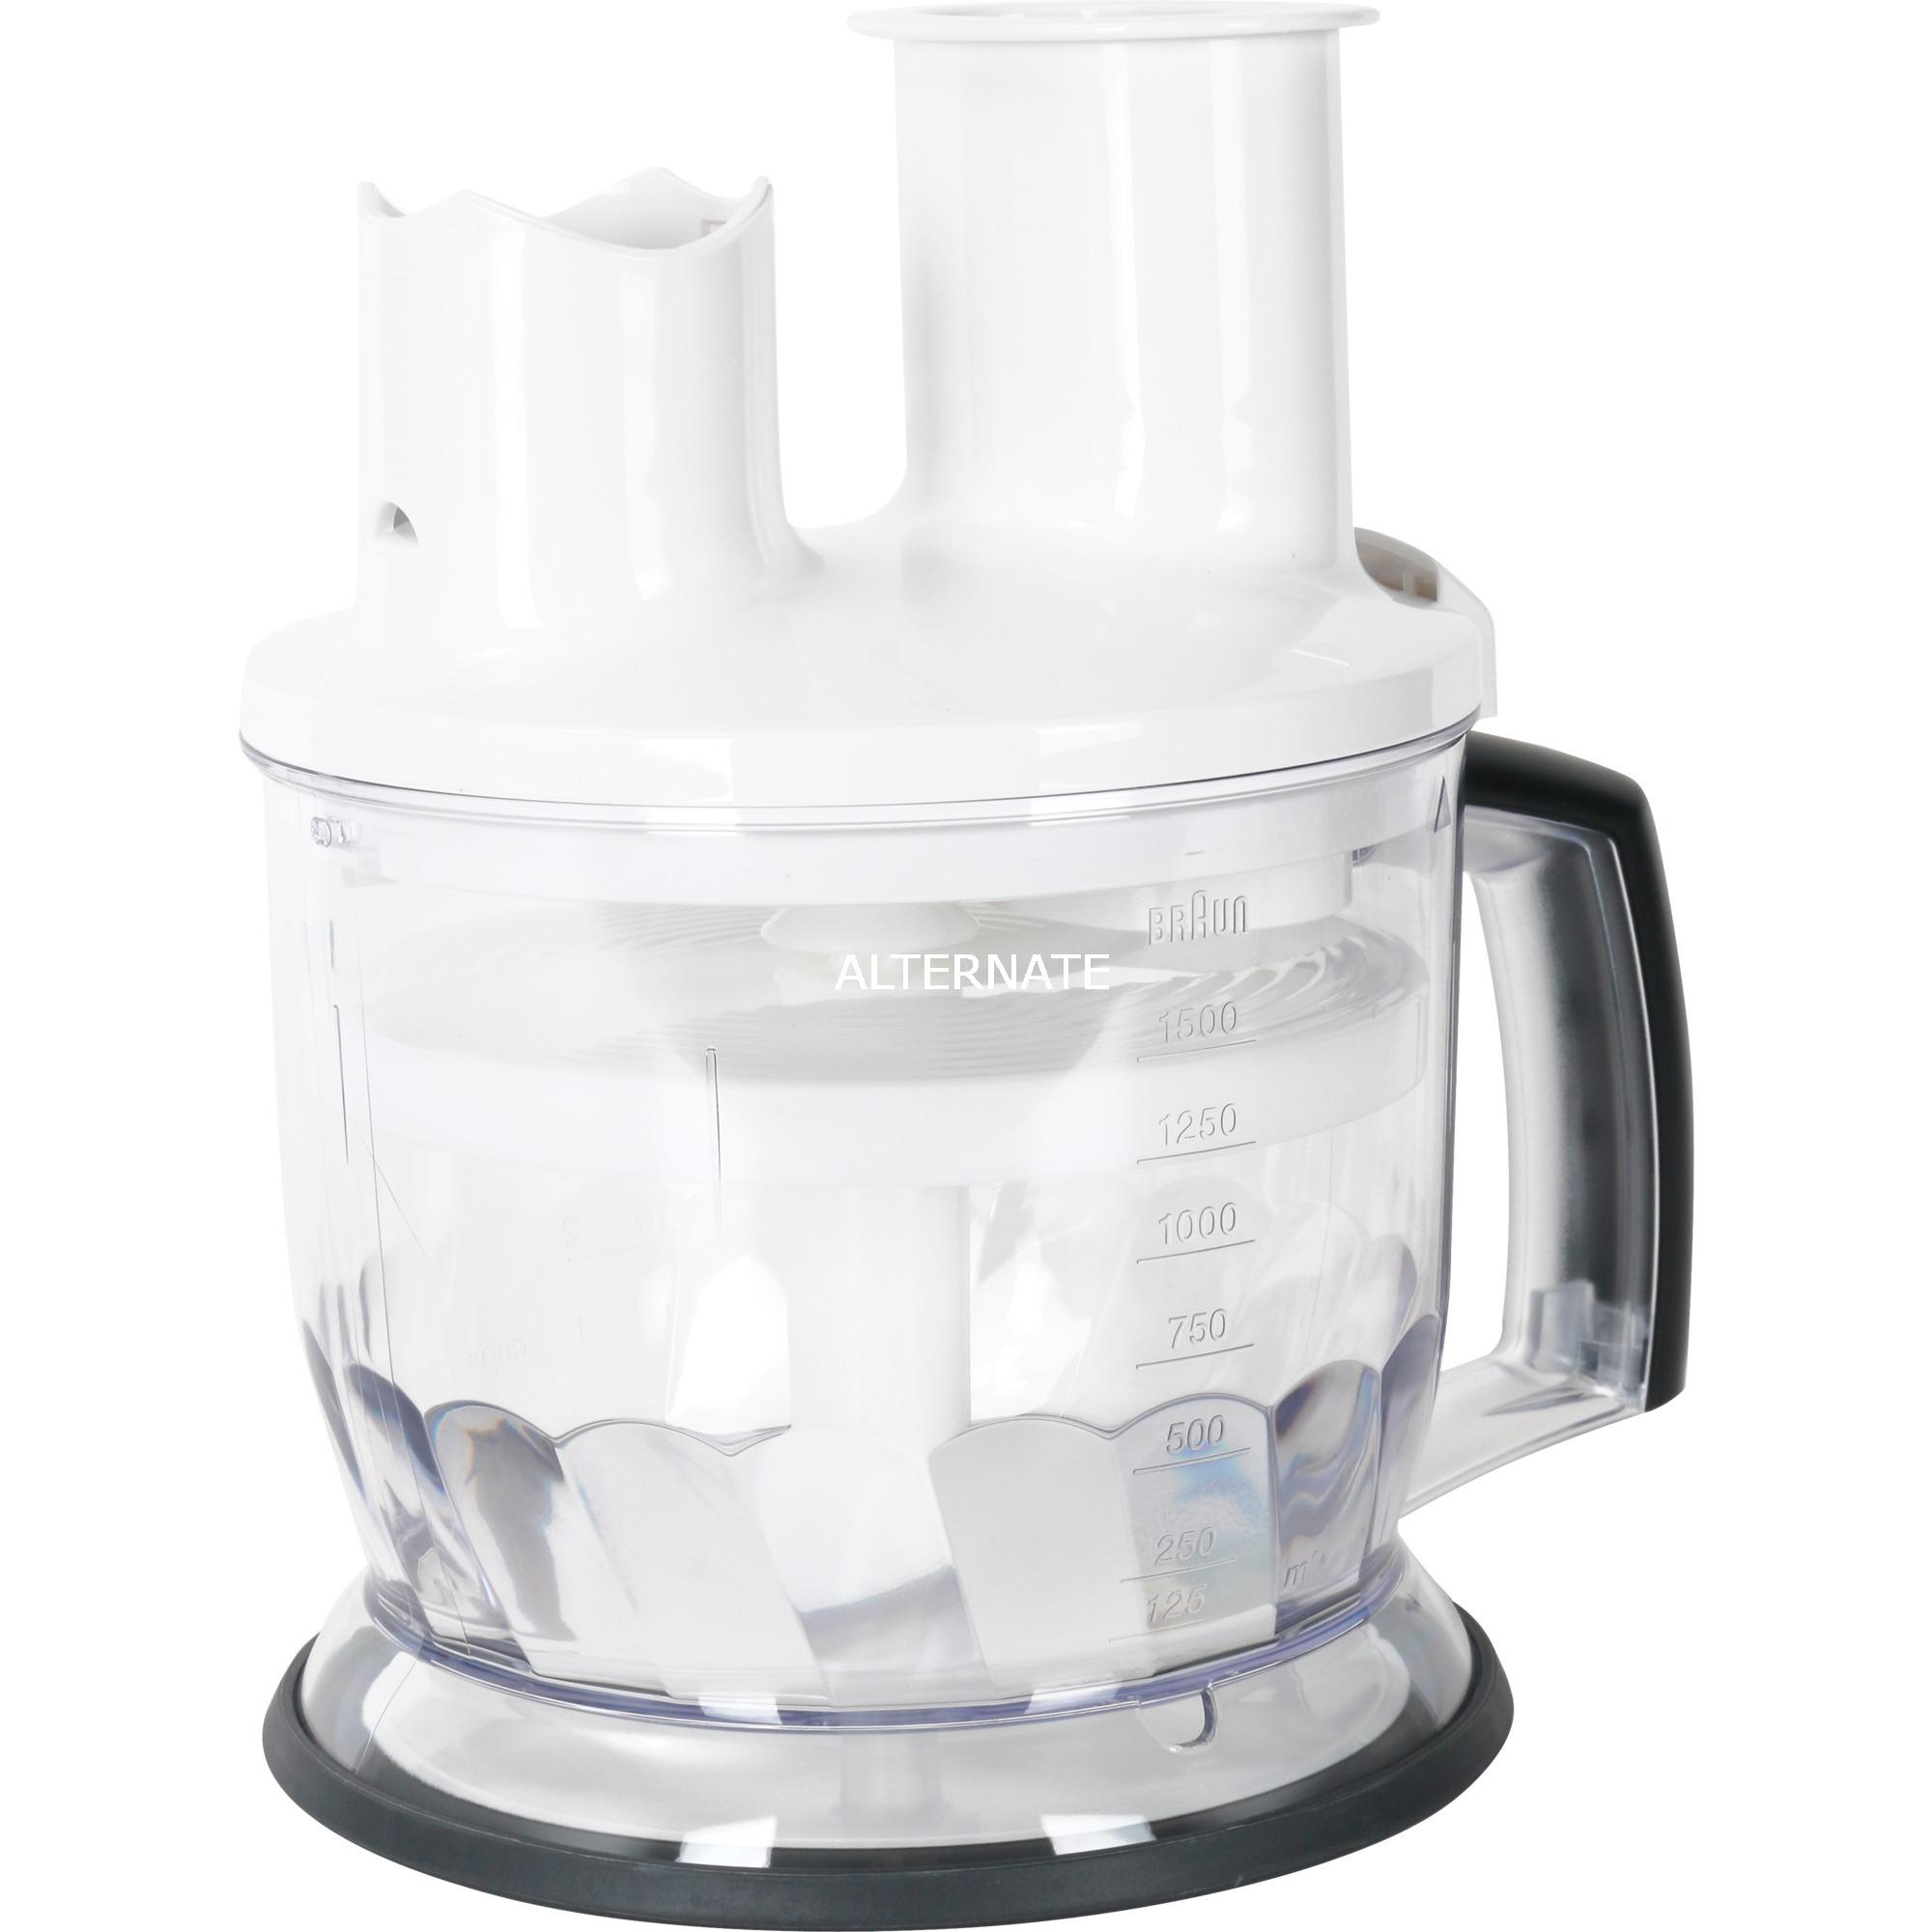 MQ 70 1.5L Blanco robot de cocina, Ensayo